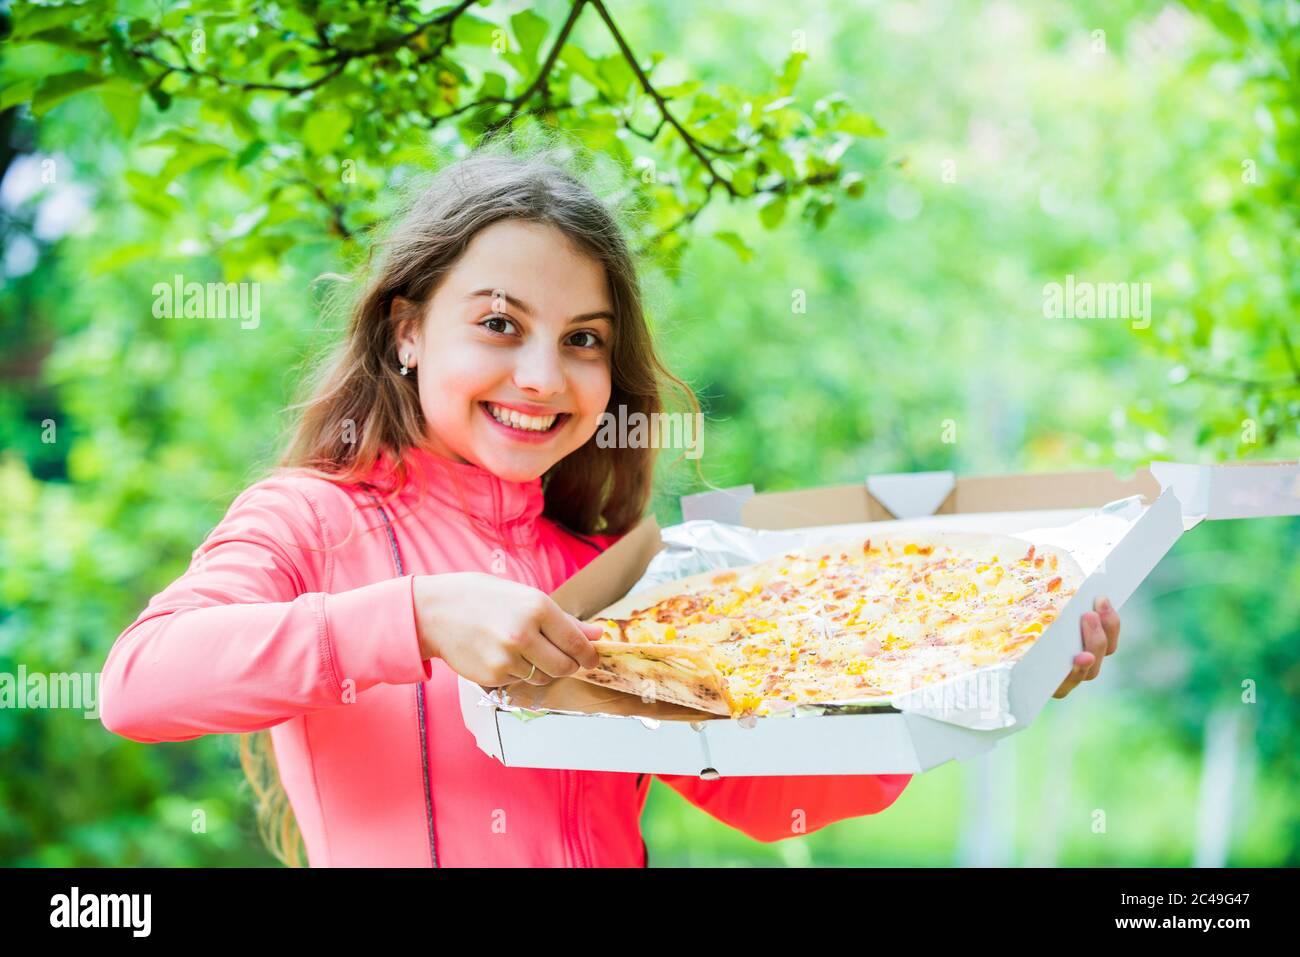 Solo una rebanada. Su comida favorita. Concepto de comida basura. Niño feliz llevar pizza grande. Entrega de comida a tiempo. Niño hambriento comer pizza. Mirar sabroso y perfecto. Sentir hambre. ¿a quién le importa la dieta? Foto de stock